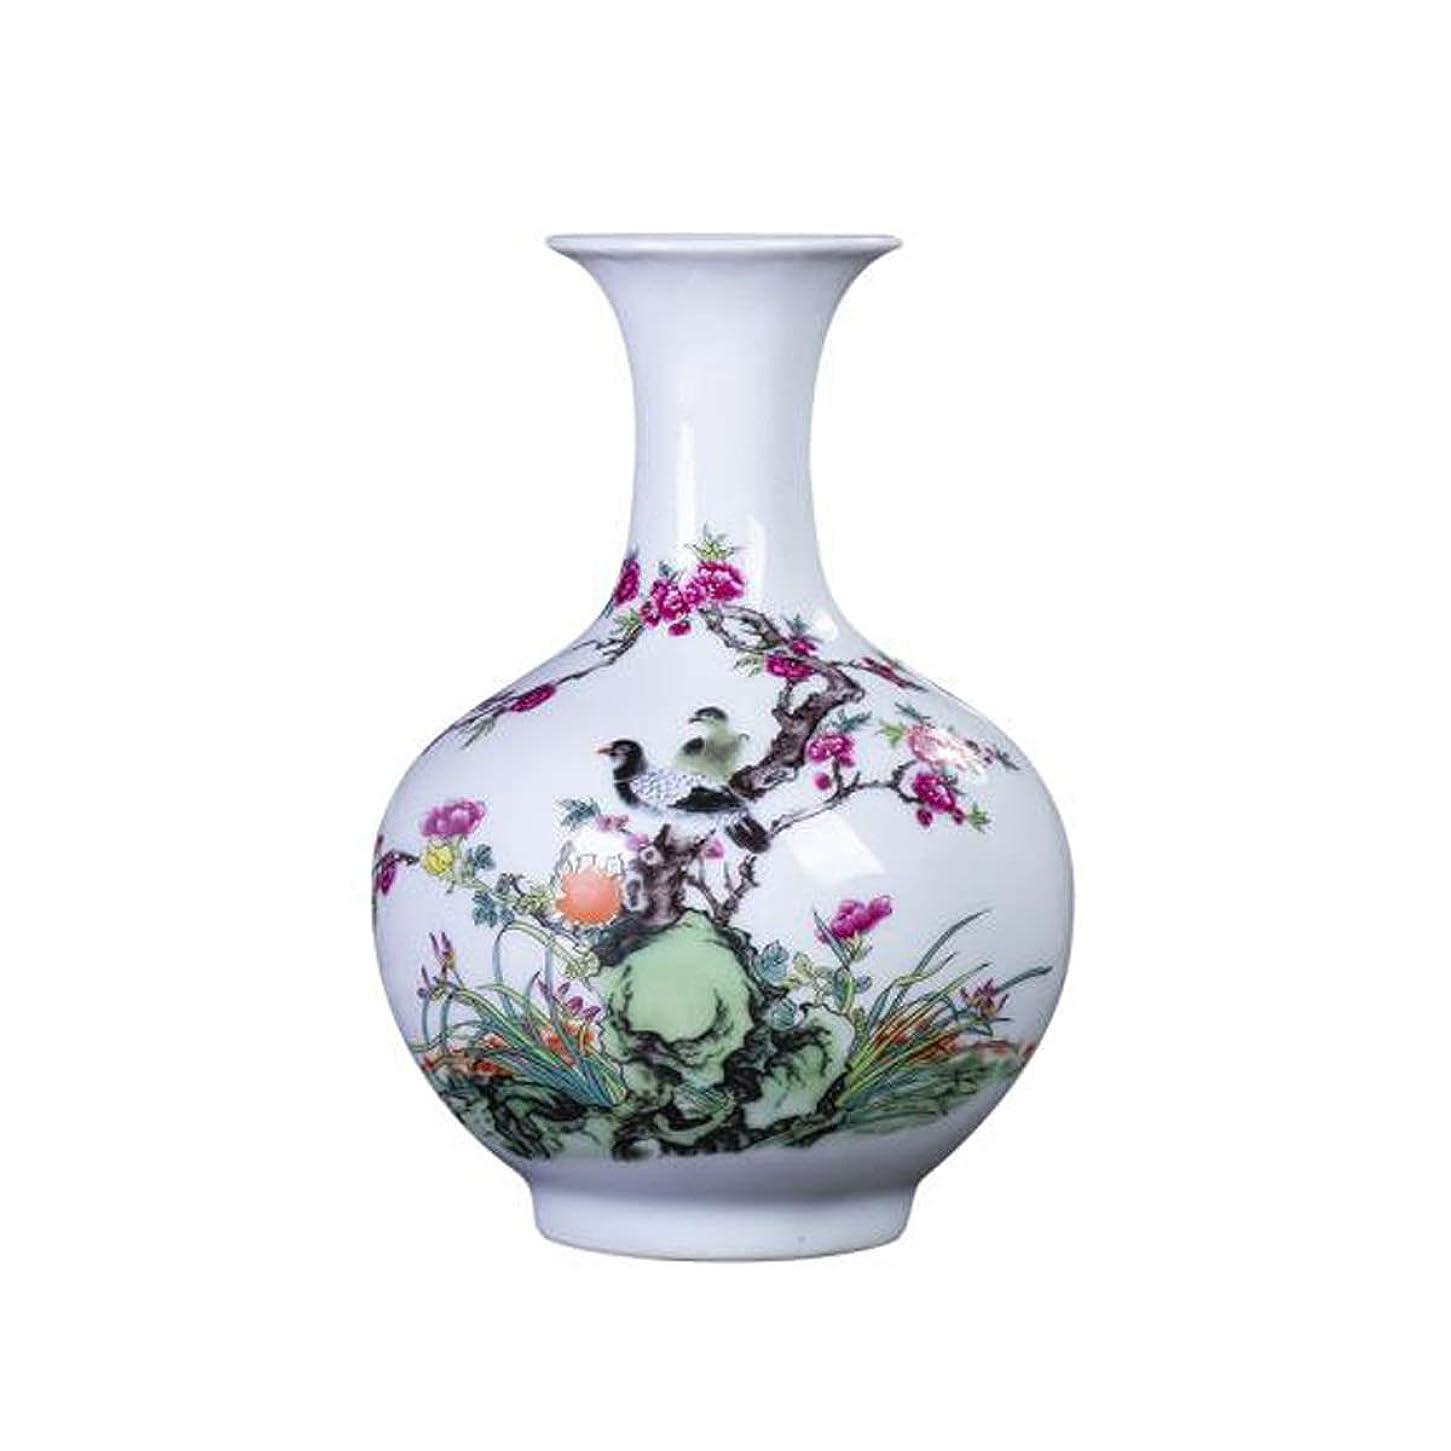 画面モノグラフ夜の動物園ZHANGXIUE 花瓶セラミック花瓶の装飾リビングルームフラワーアレンジメントアンティーククラシックホームデコレーション (Color : White)